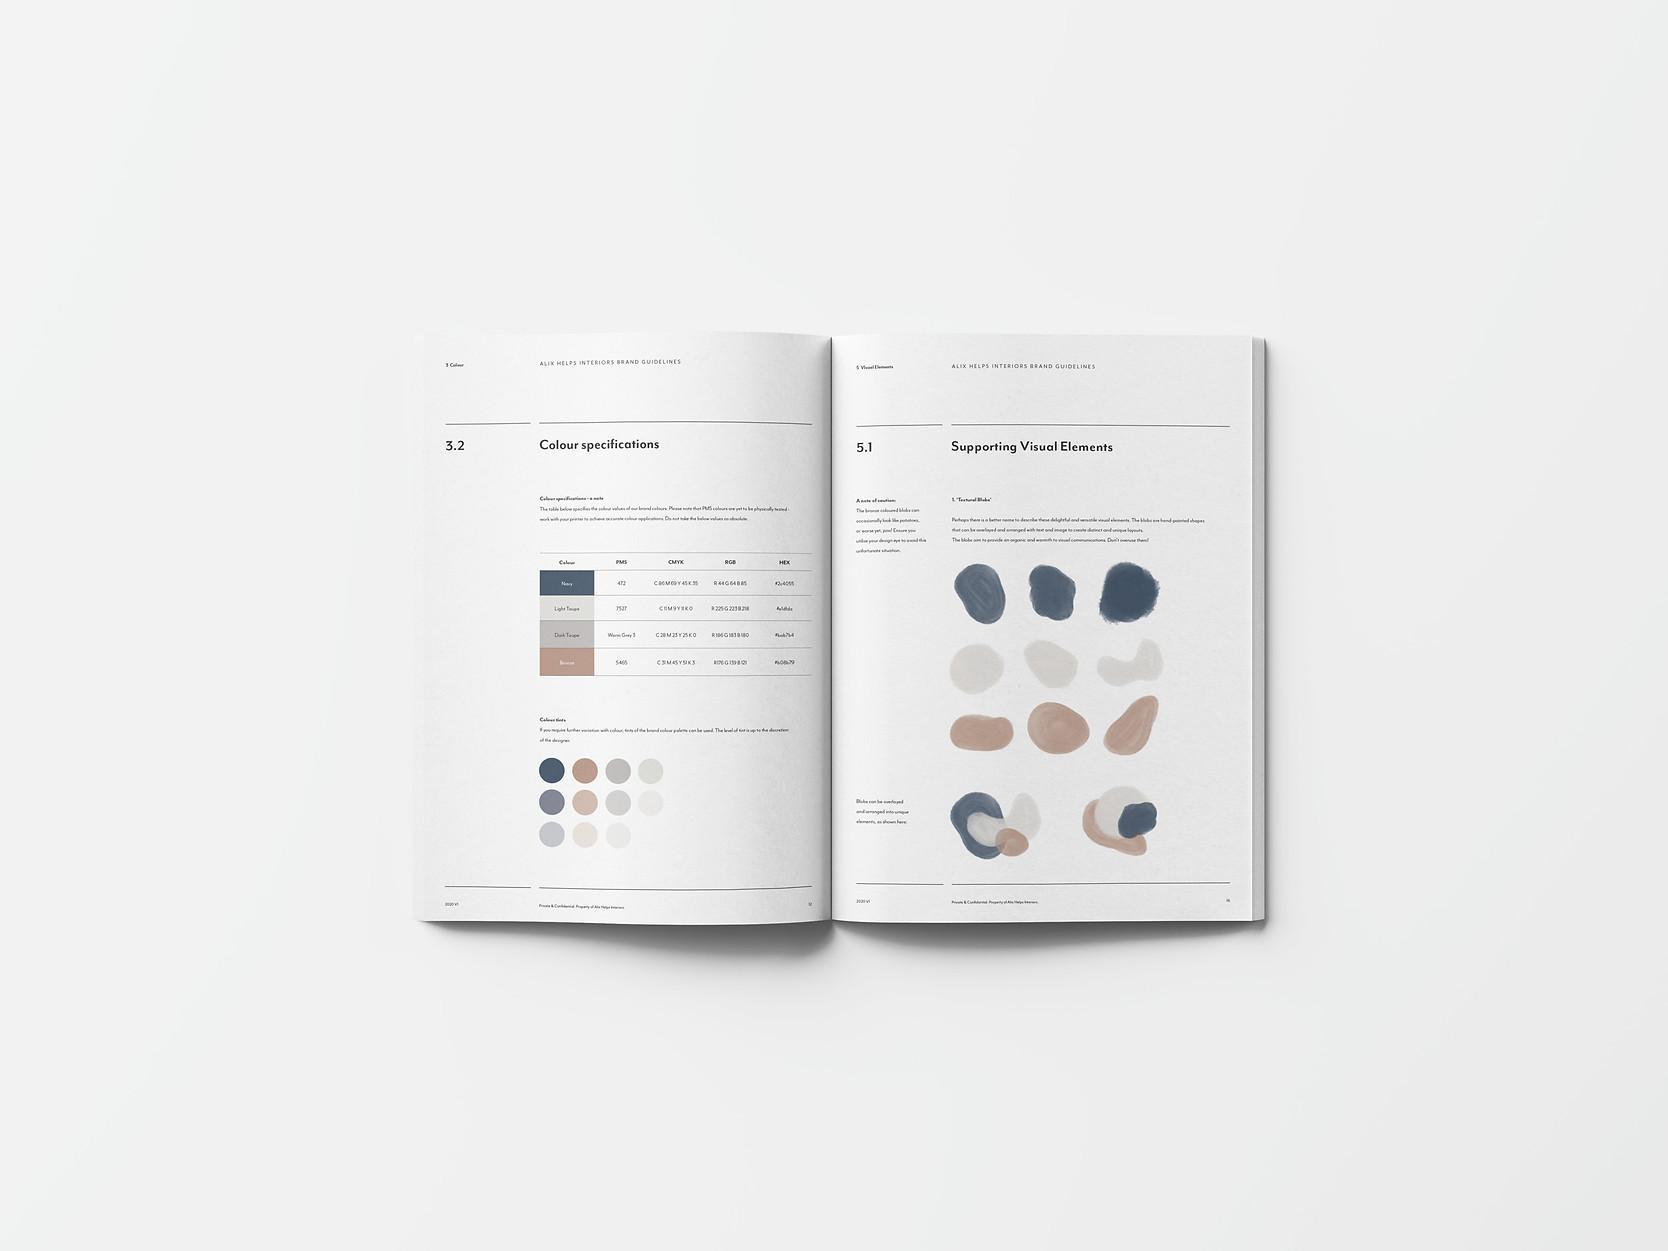 AHI_Style-Guide-Mockup.jpg